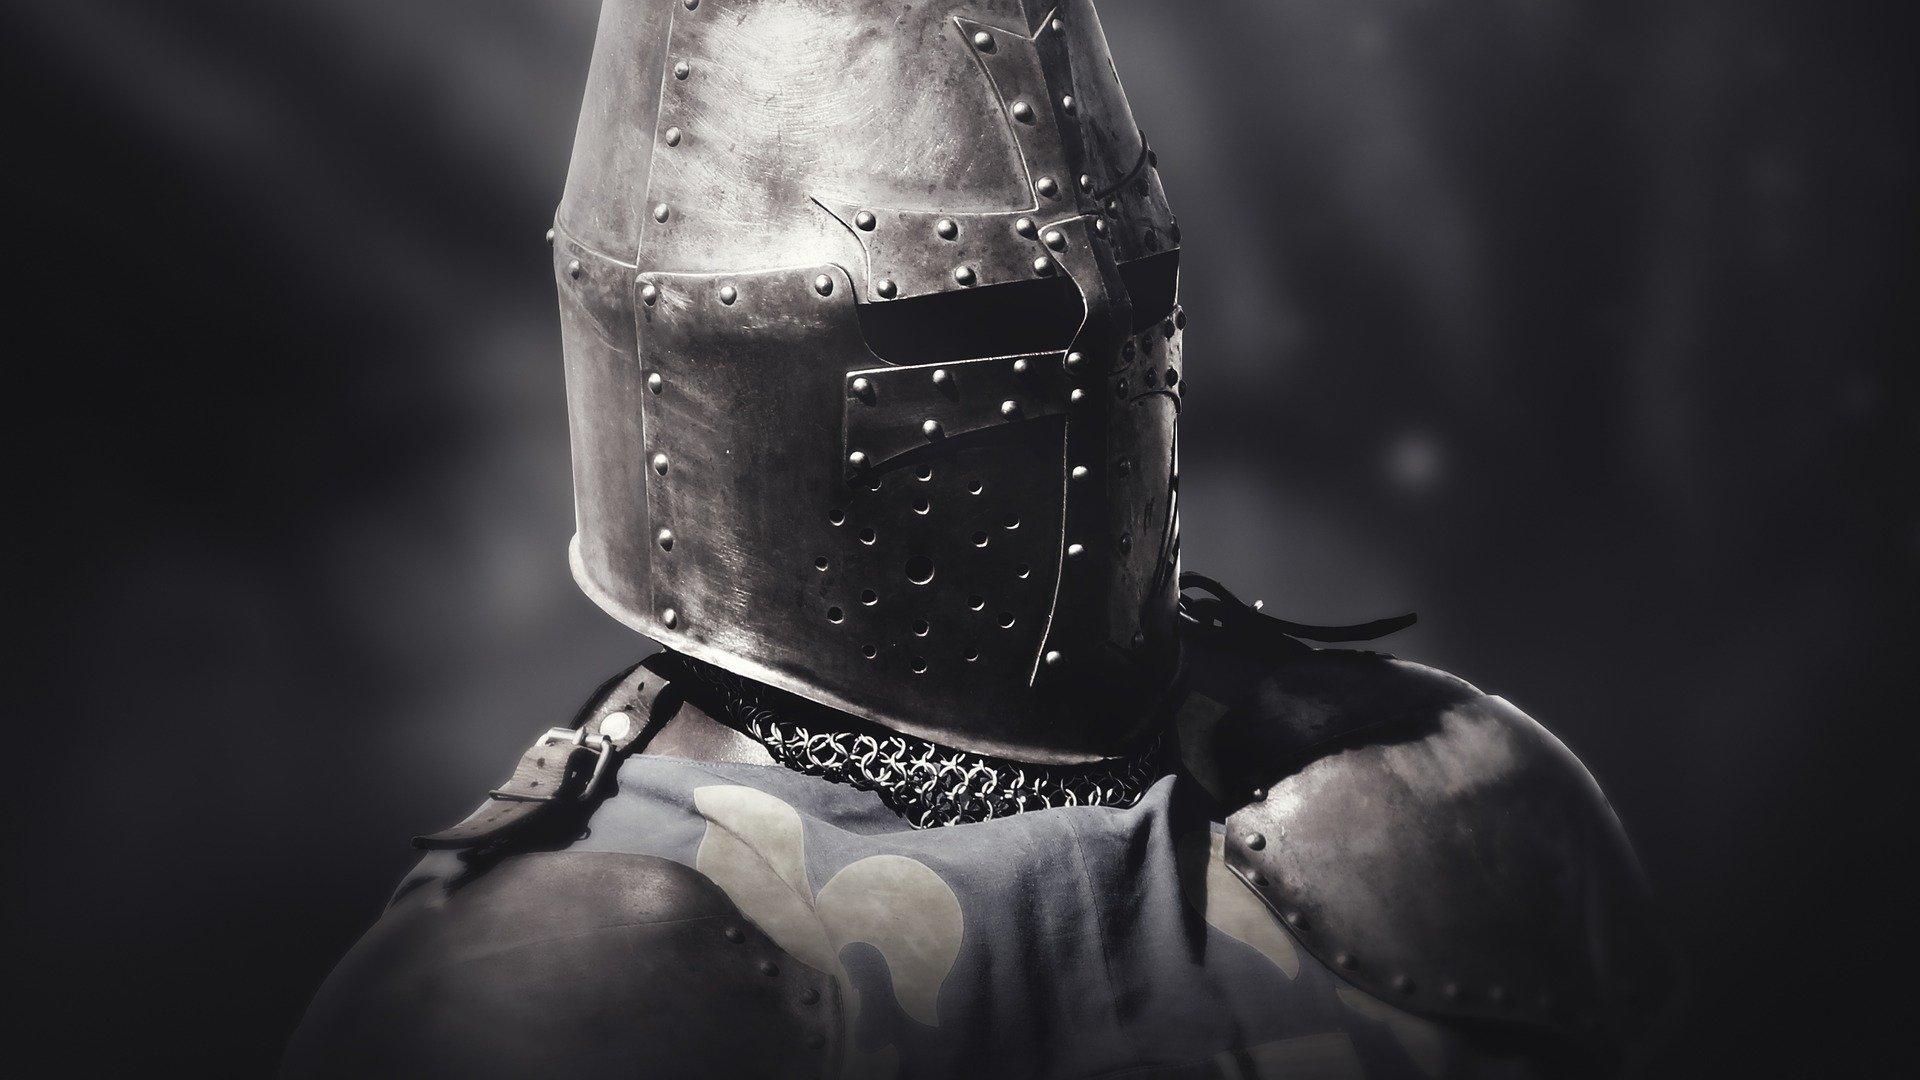 Opowieści z narnii (c s lewis) - ostatnia bitwa/